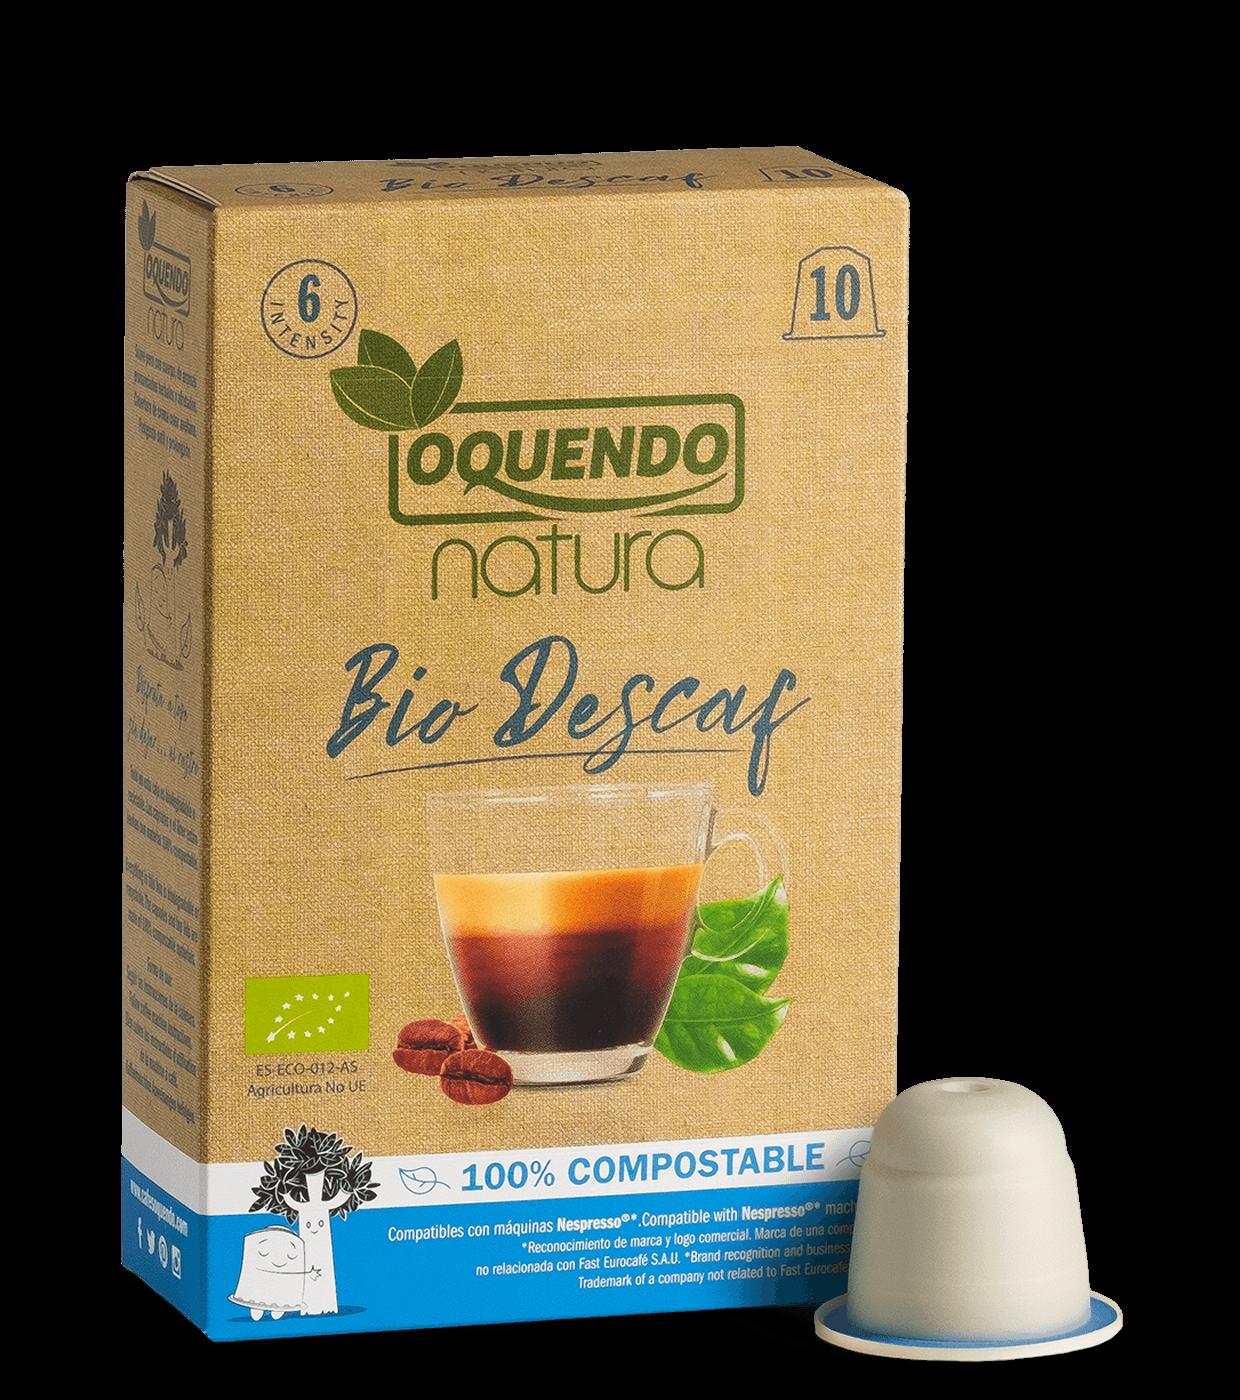 oquendo-16-nespresso-bio-descafeinado